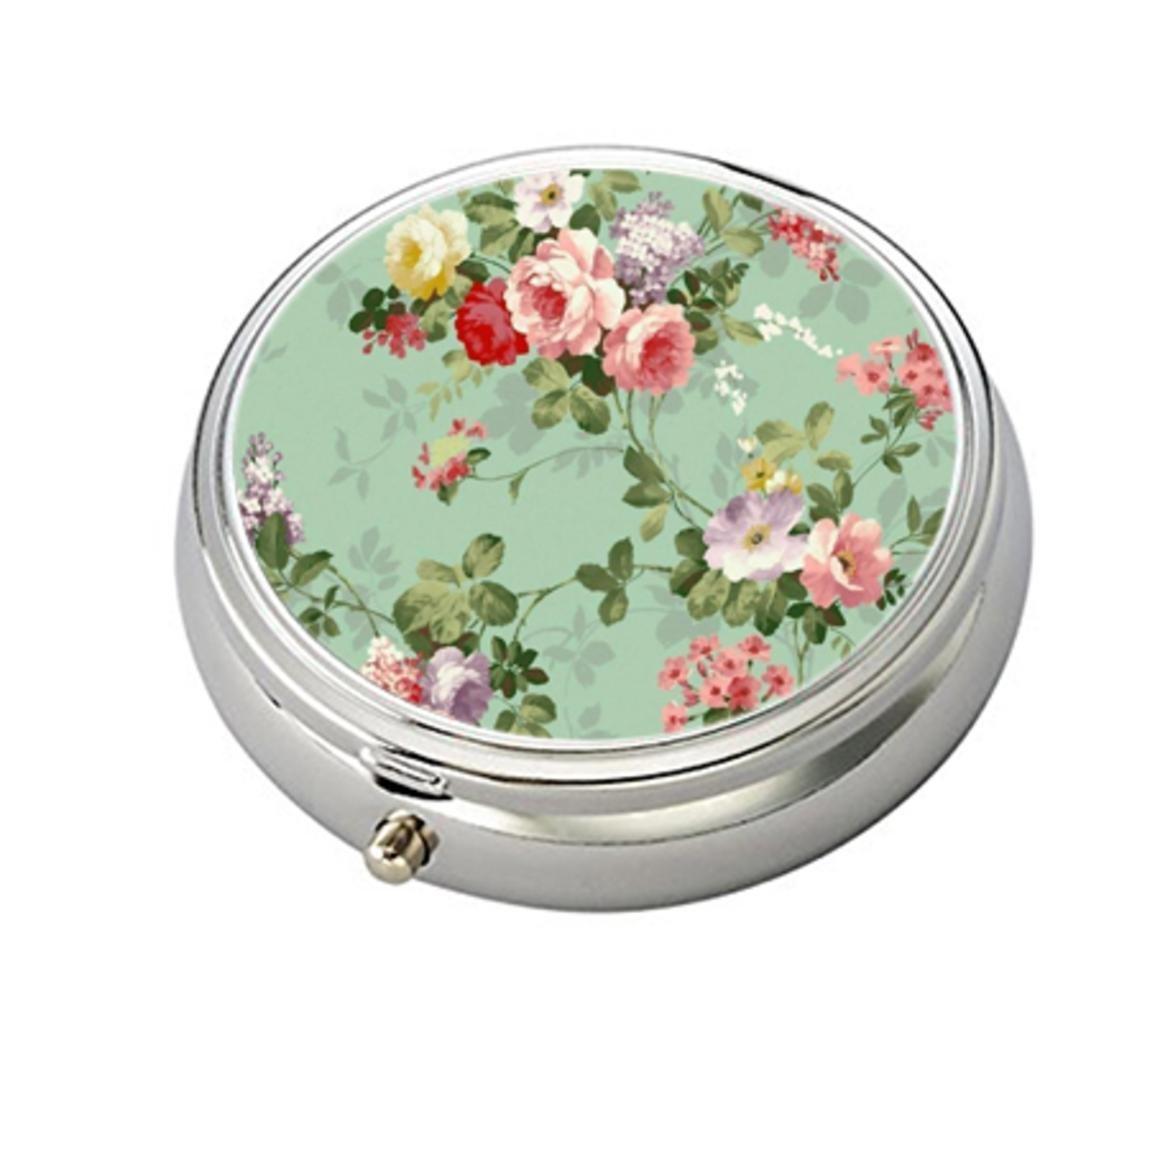 Amazoncom Vintage Floral Flowers Pattern Decorative Boxes Silver